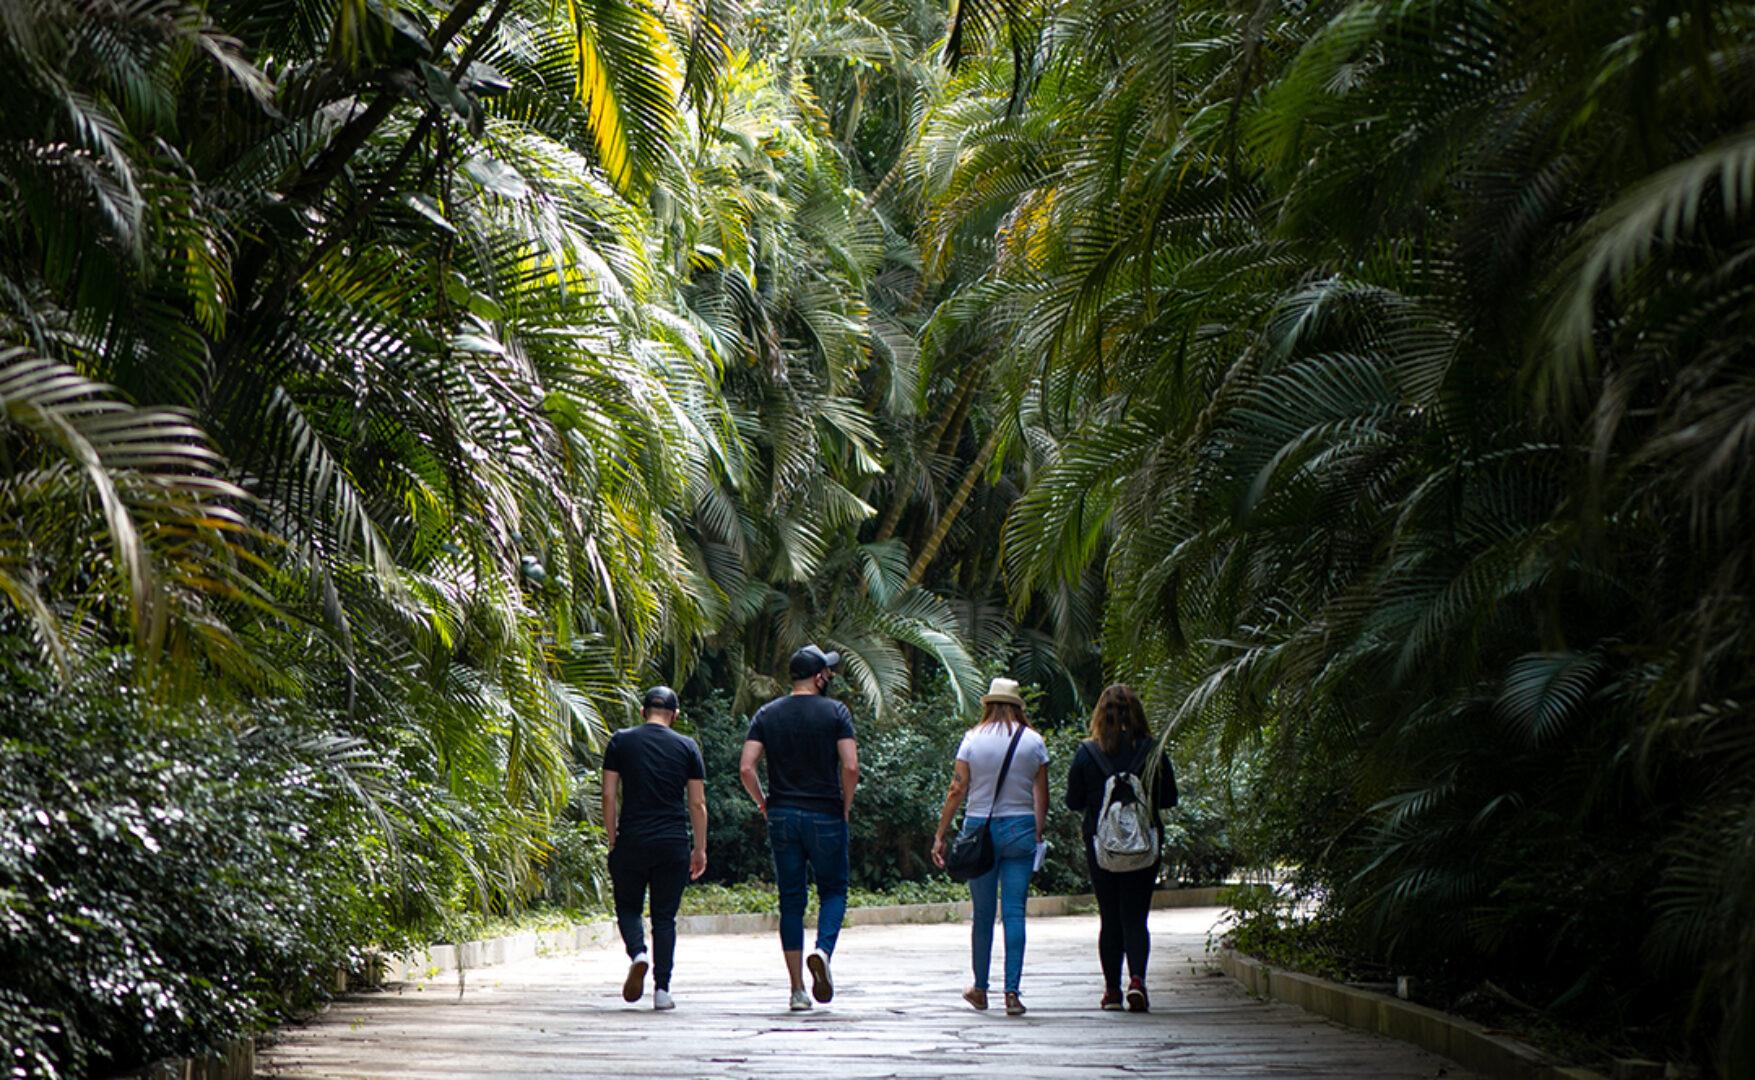 Visita mediada com o curador integra a programação da Semana do Meio Ambiente do Inhotim. Foto: Brendon Campos